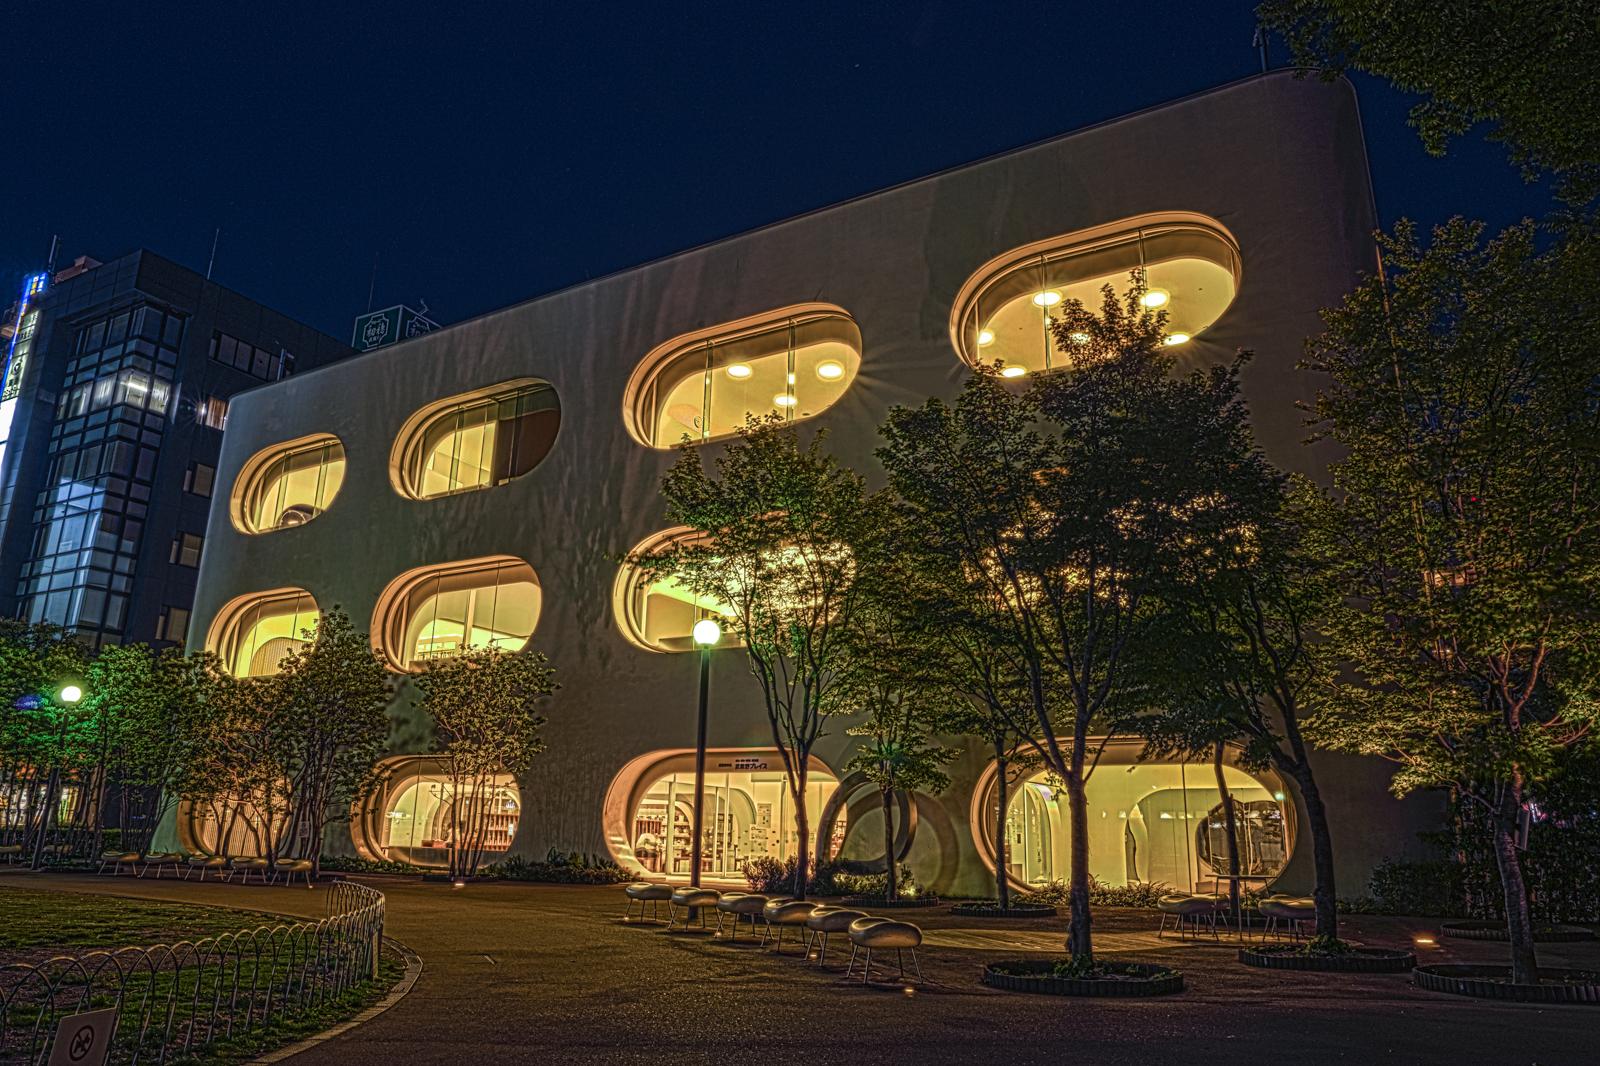 ひと・まち・情報 創造館武蔵野プレイス(図書館)のHDR写真